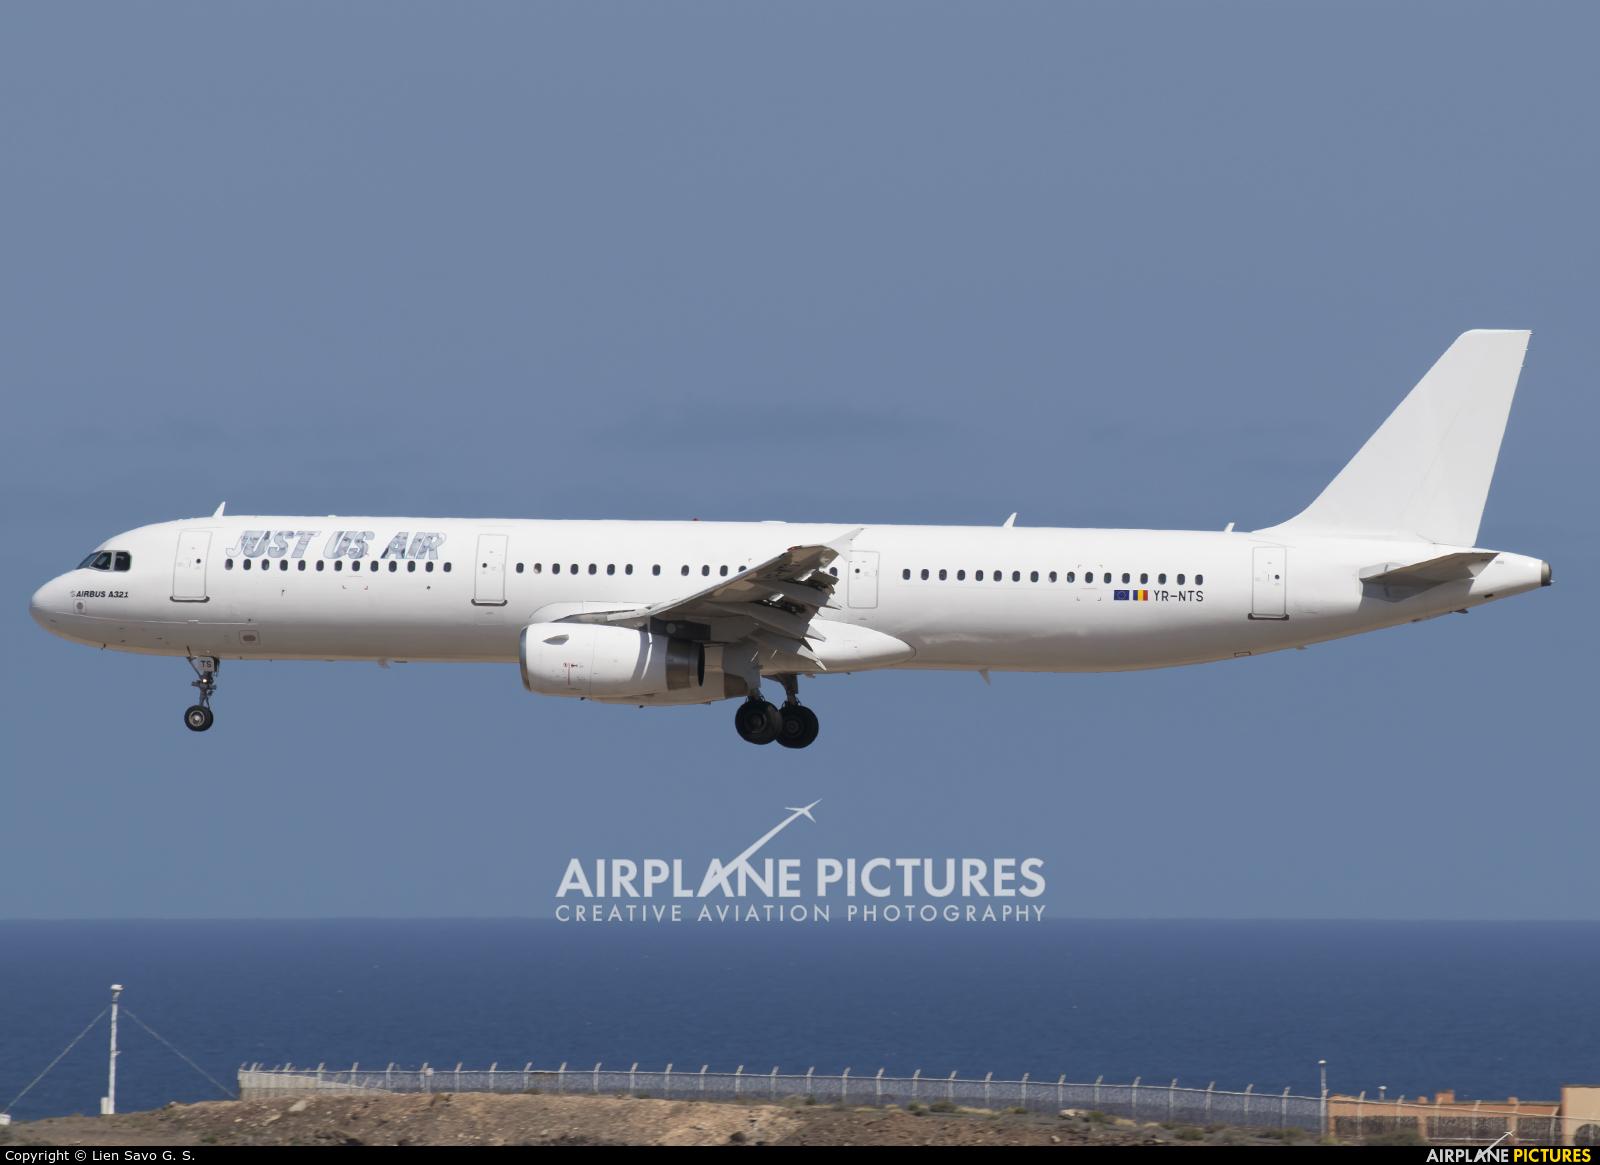 YR-NTS - Just US Air Airbus A321 at Aeropuerto de Gran